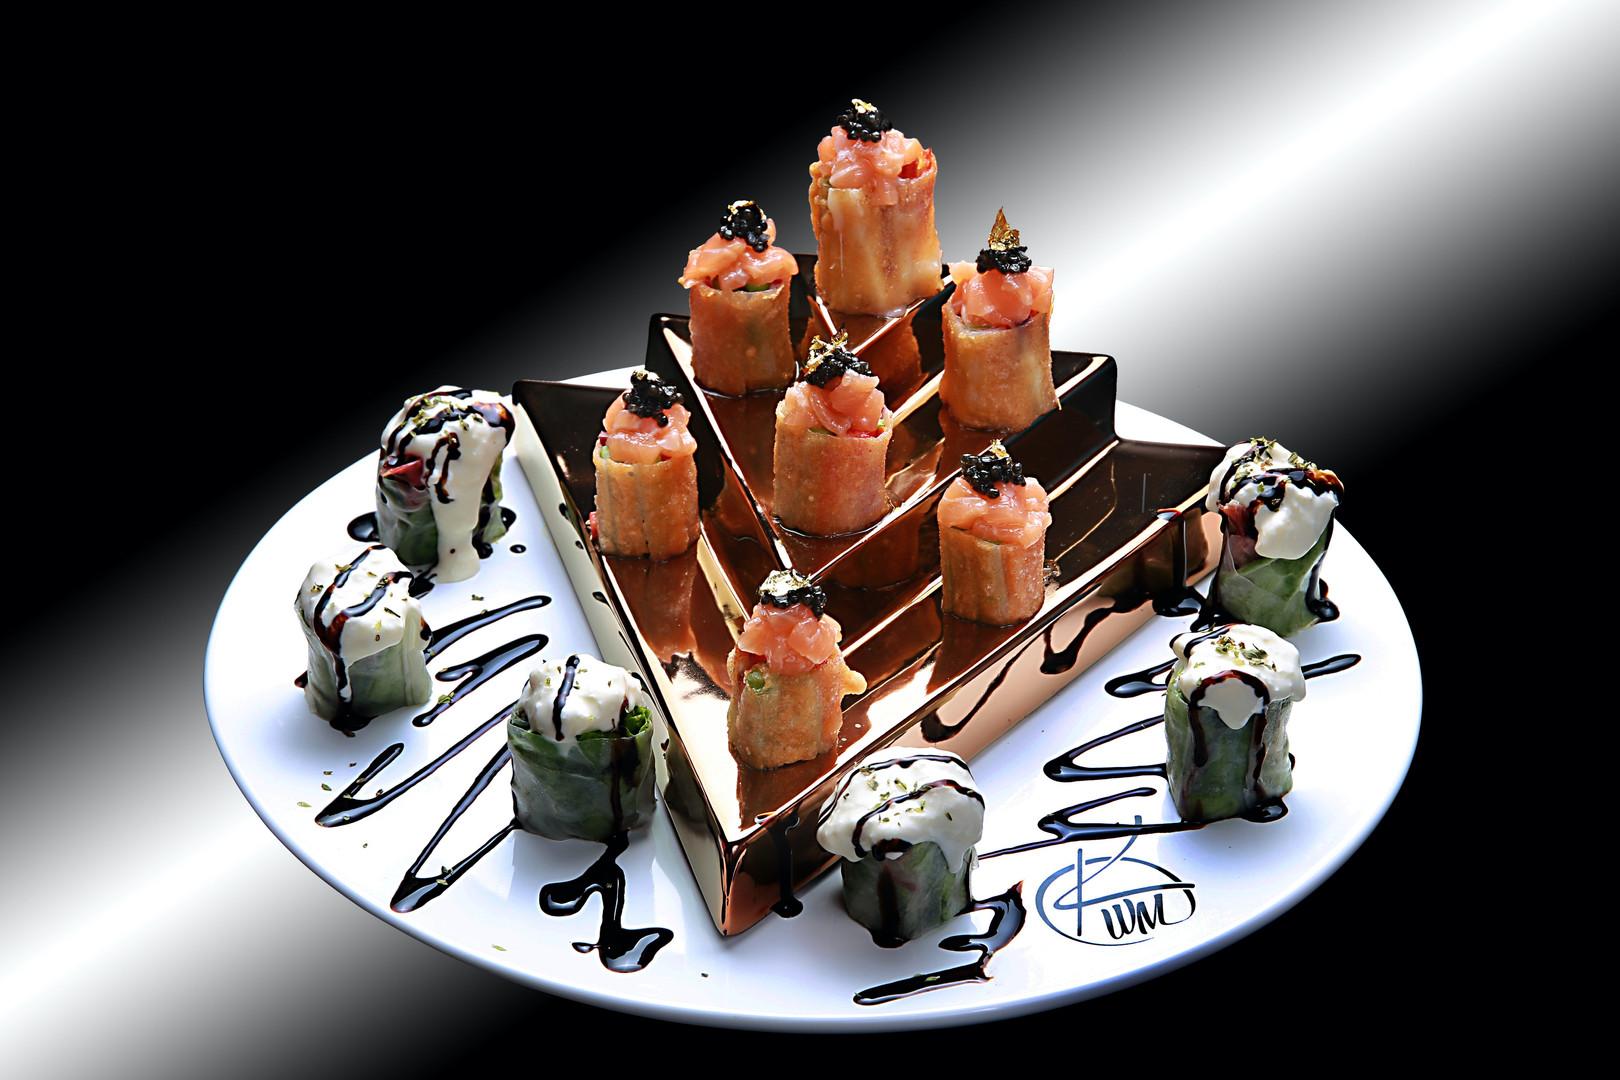 WM Private Chef 3.jpeg